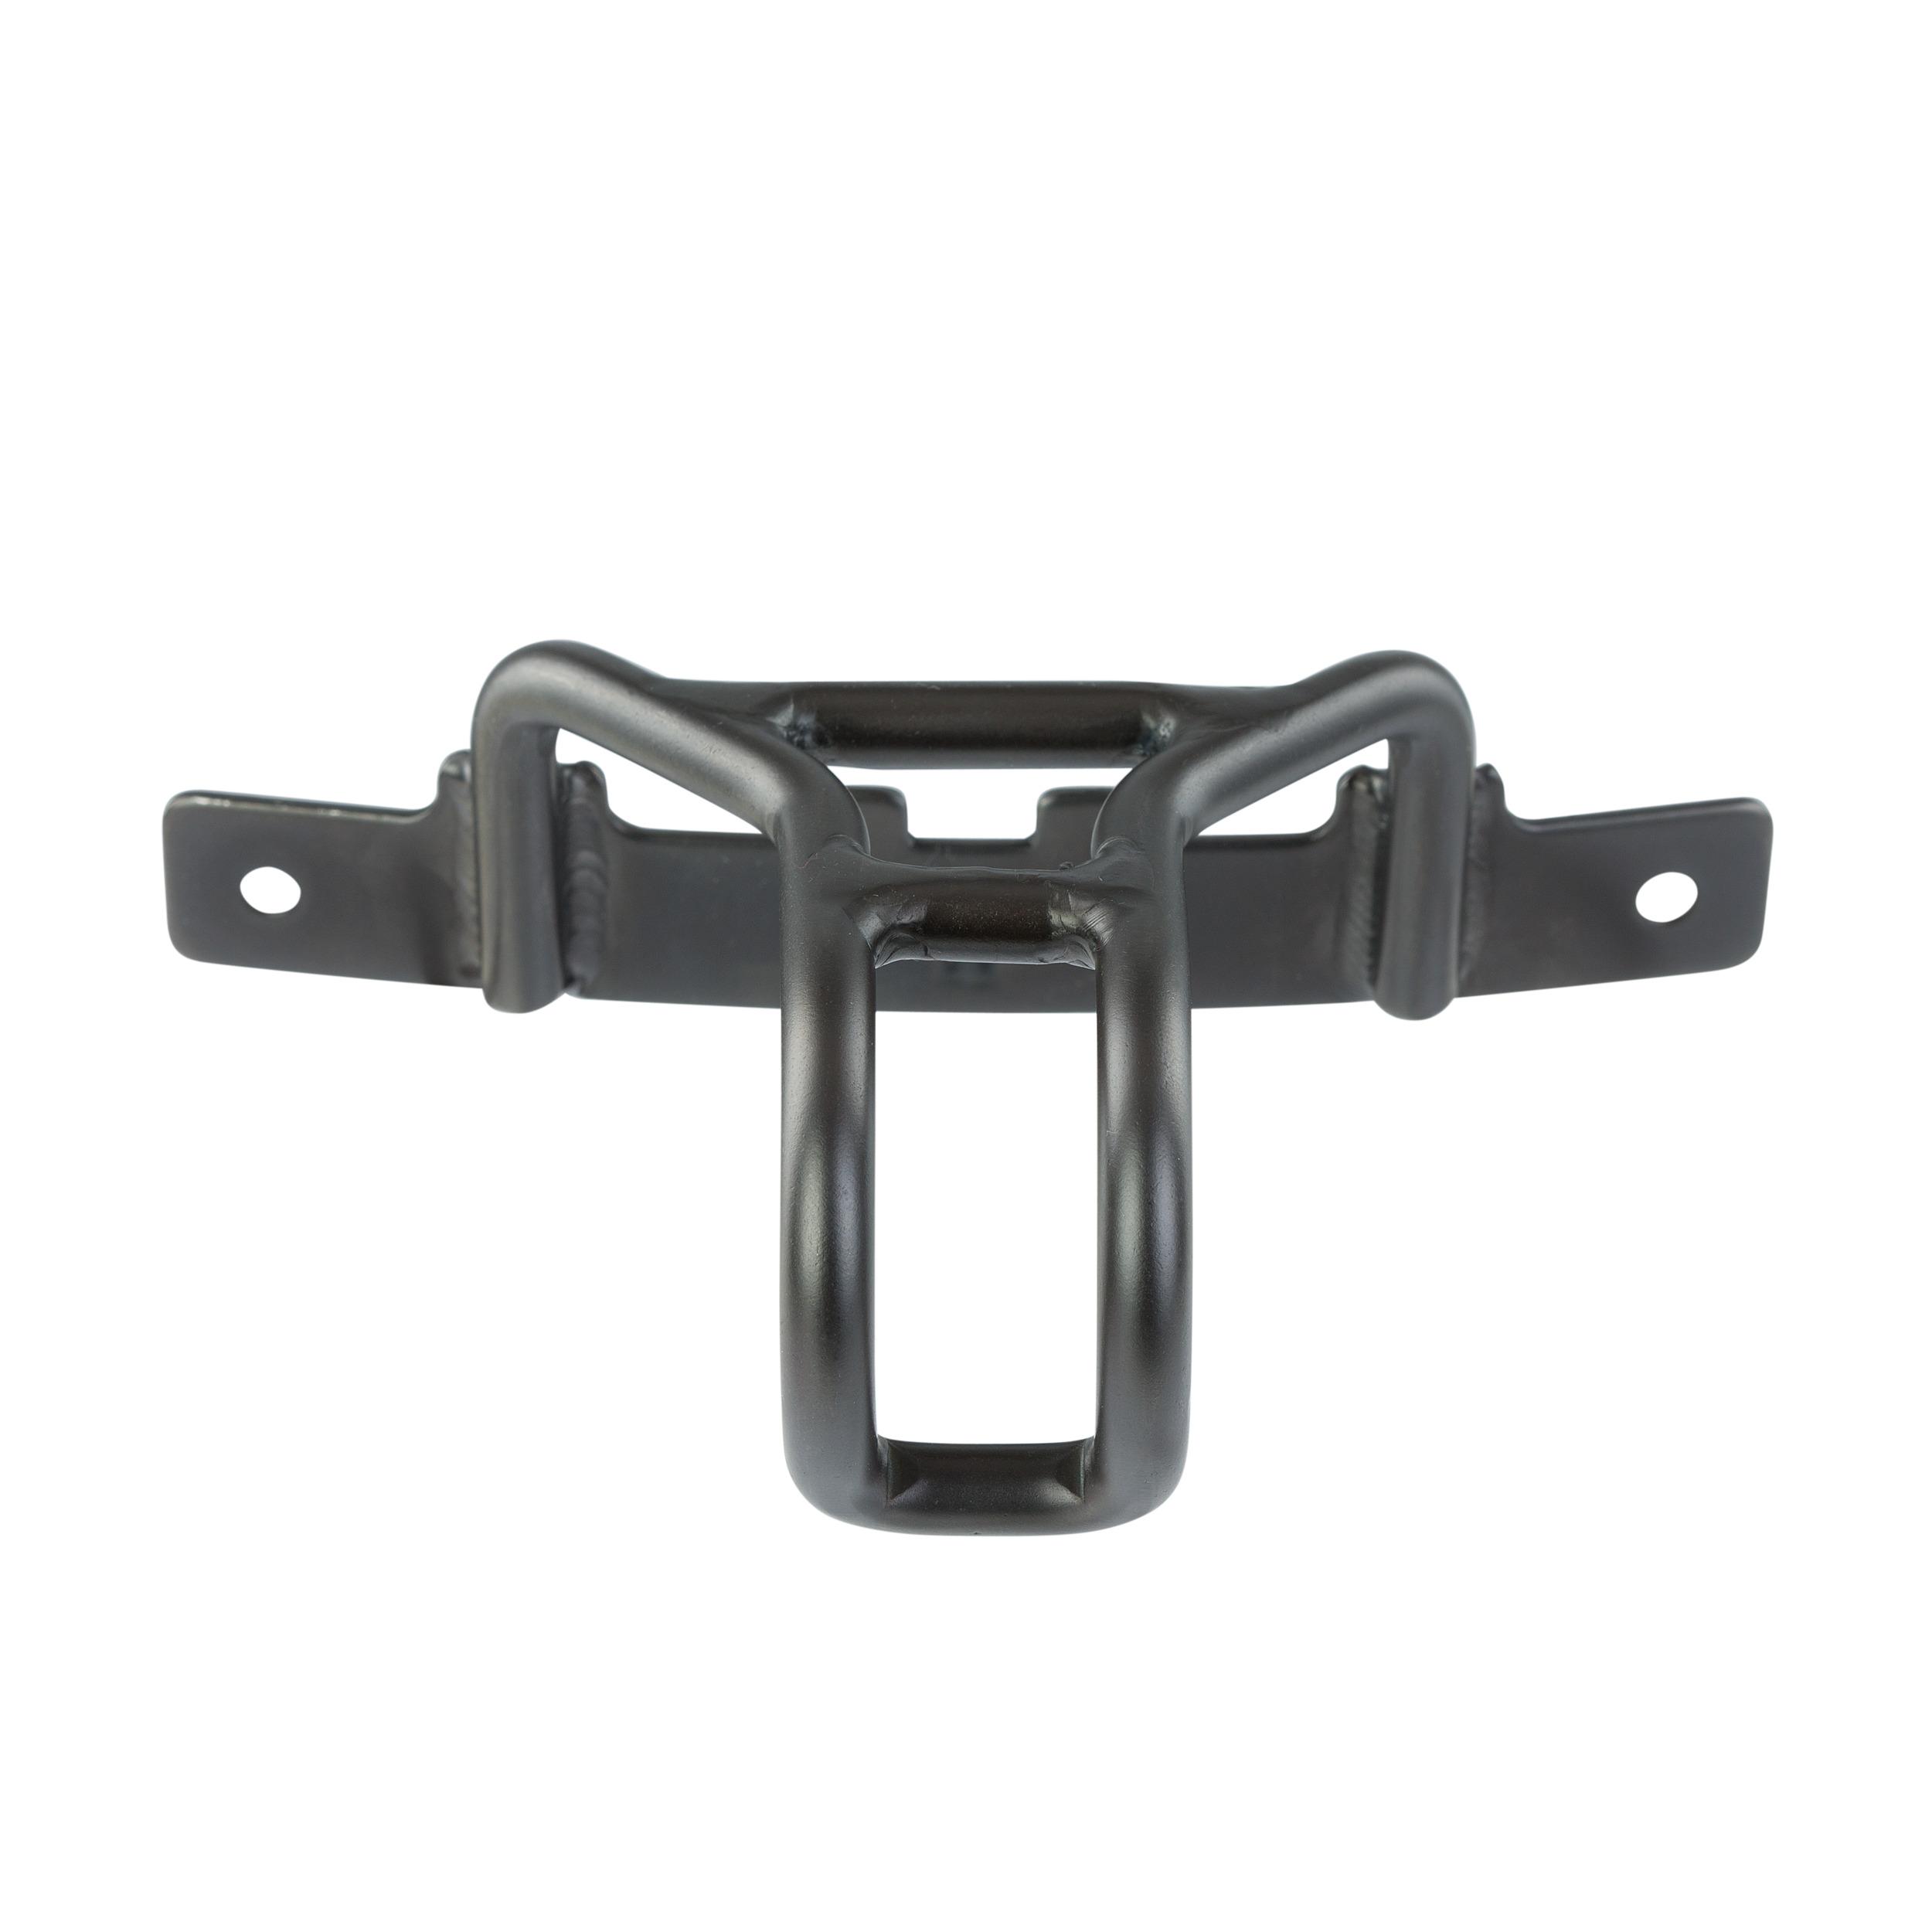 ION Stainless Steel Hook 2.0 Windsurf für ION Trapeze mit C-Bar oder Spectre Bar